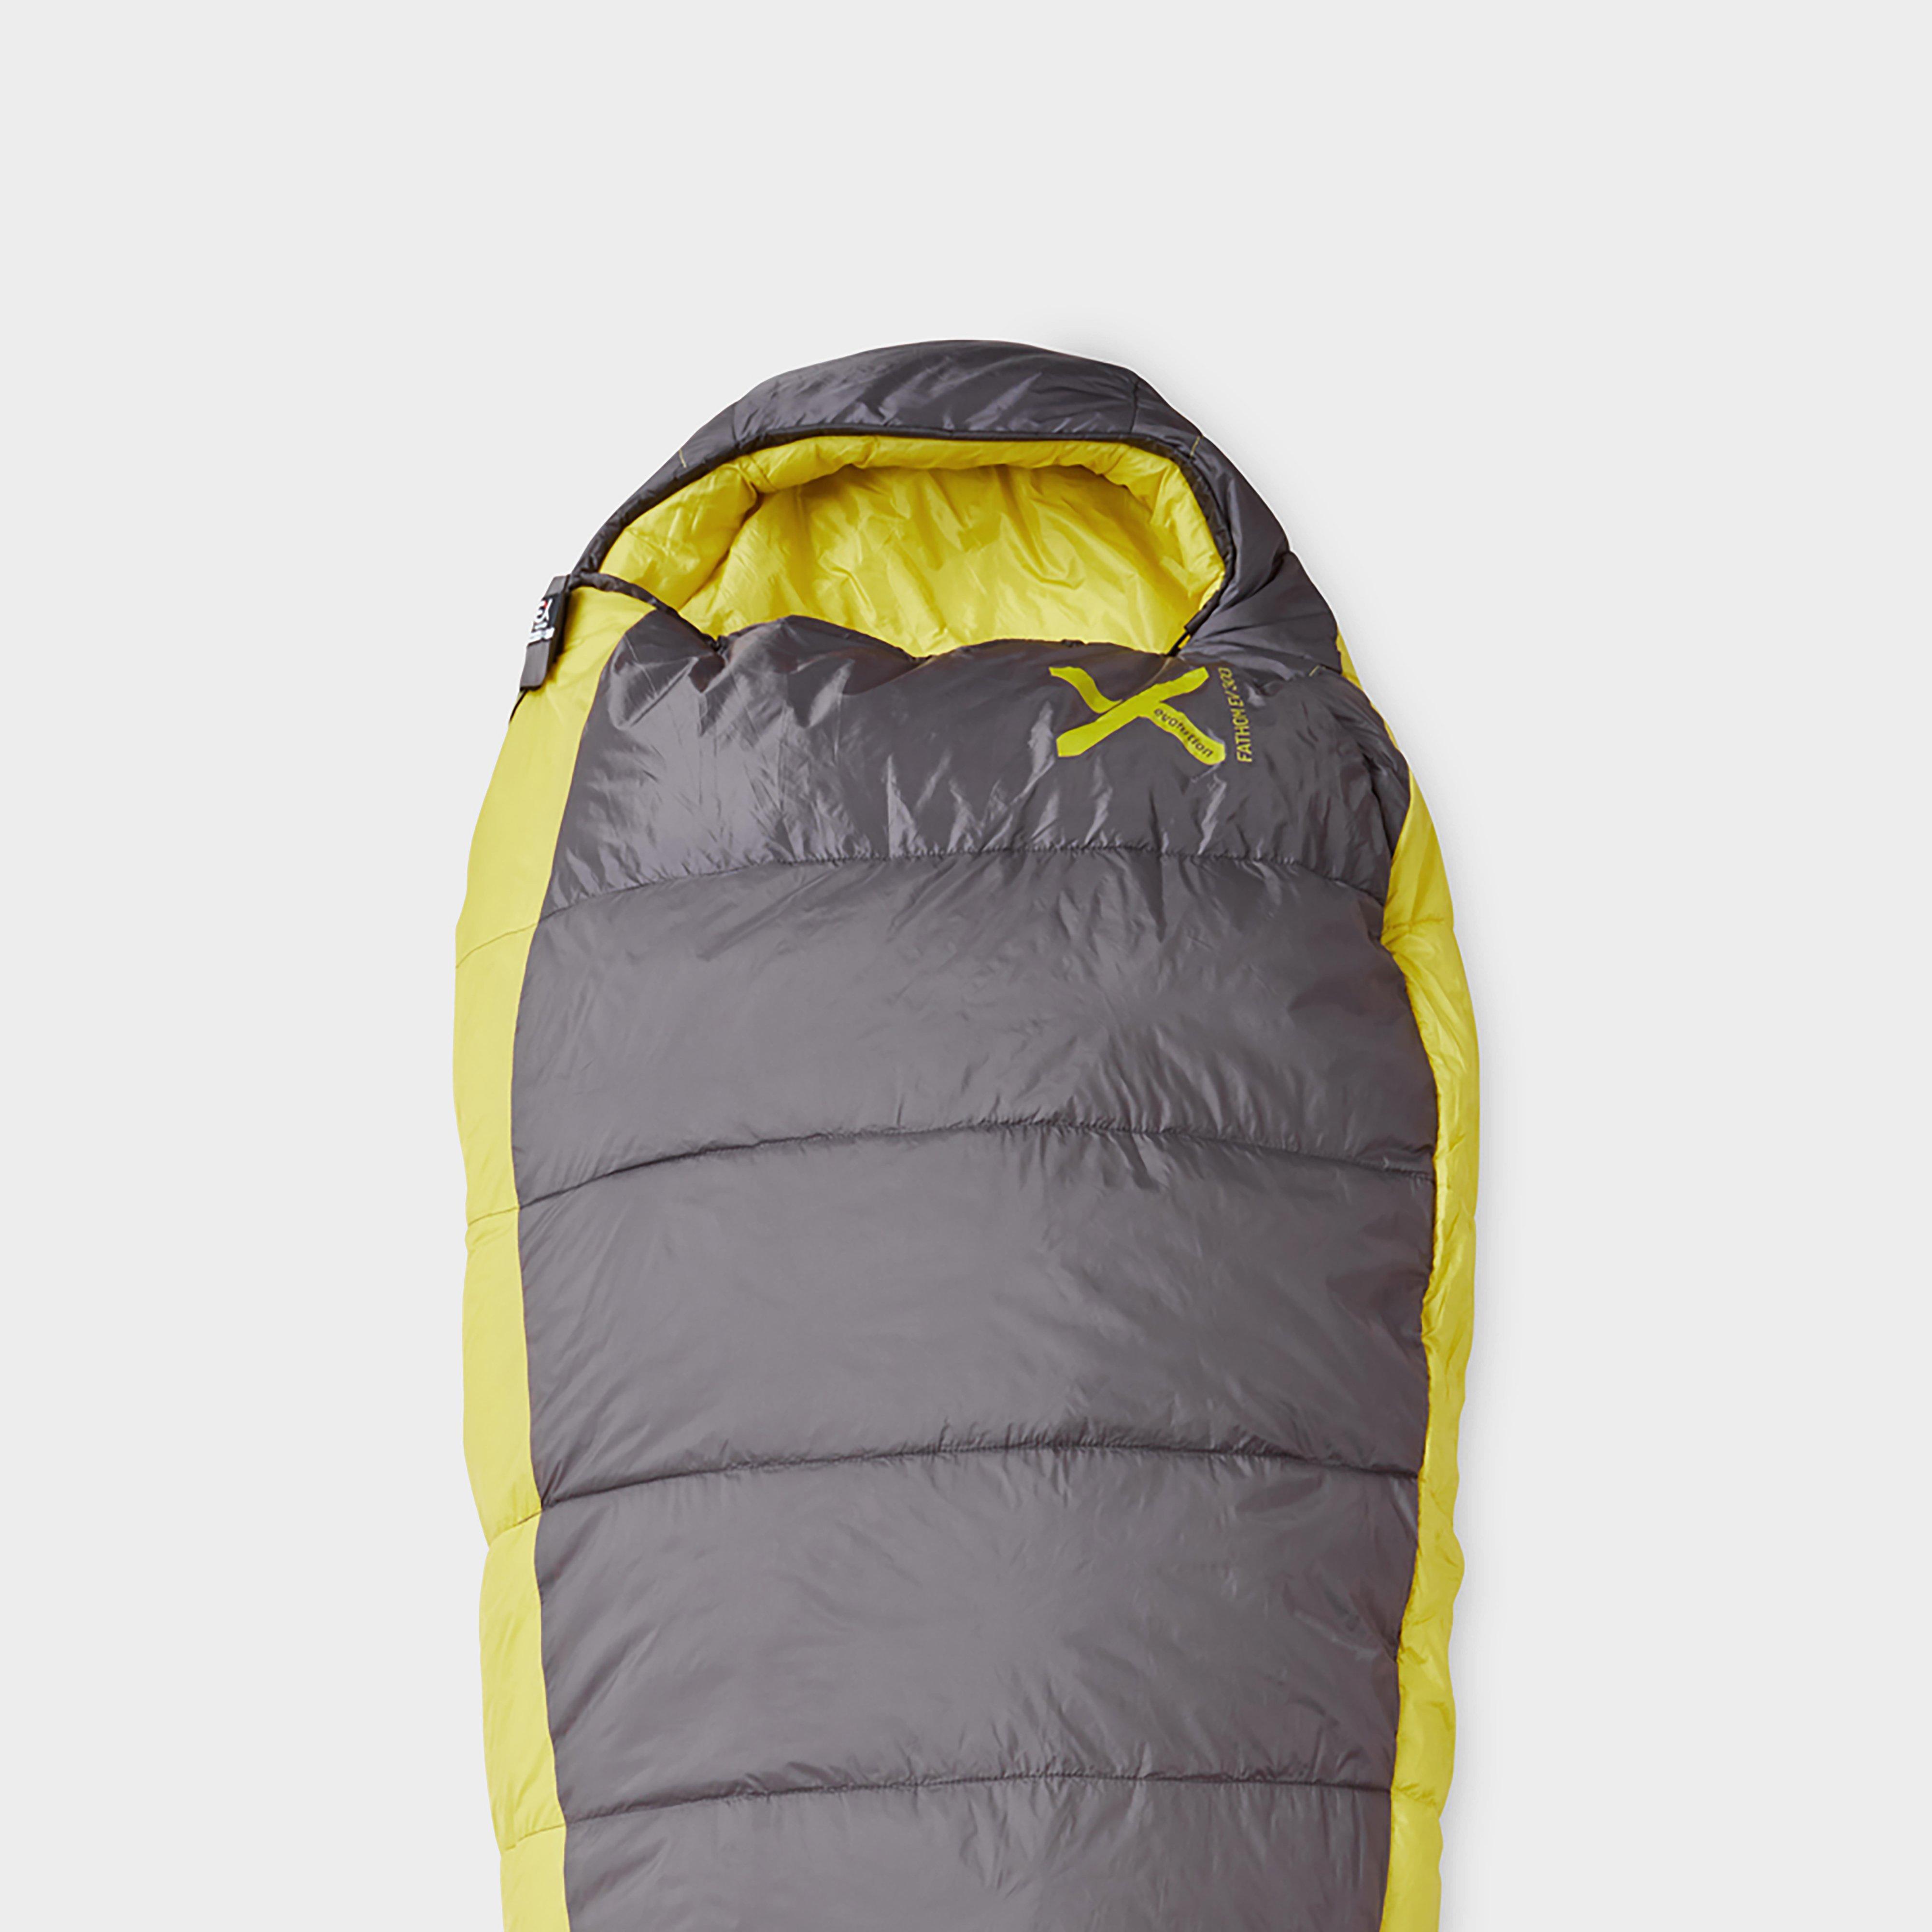 Oex Fathom Ev 300 Sleeping Bag - Yellow/Black, Yellow/Black